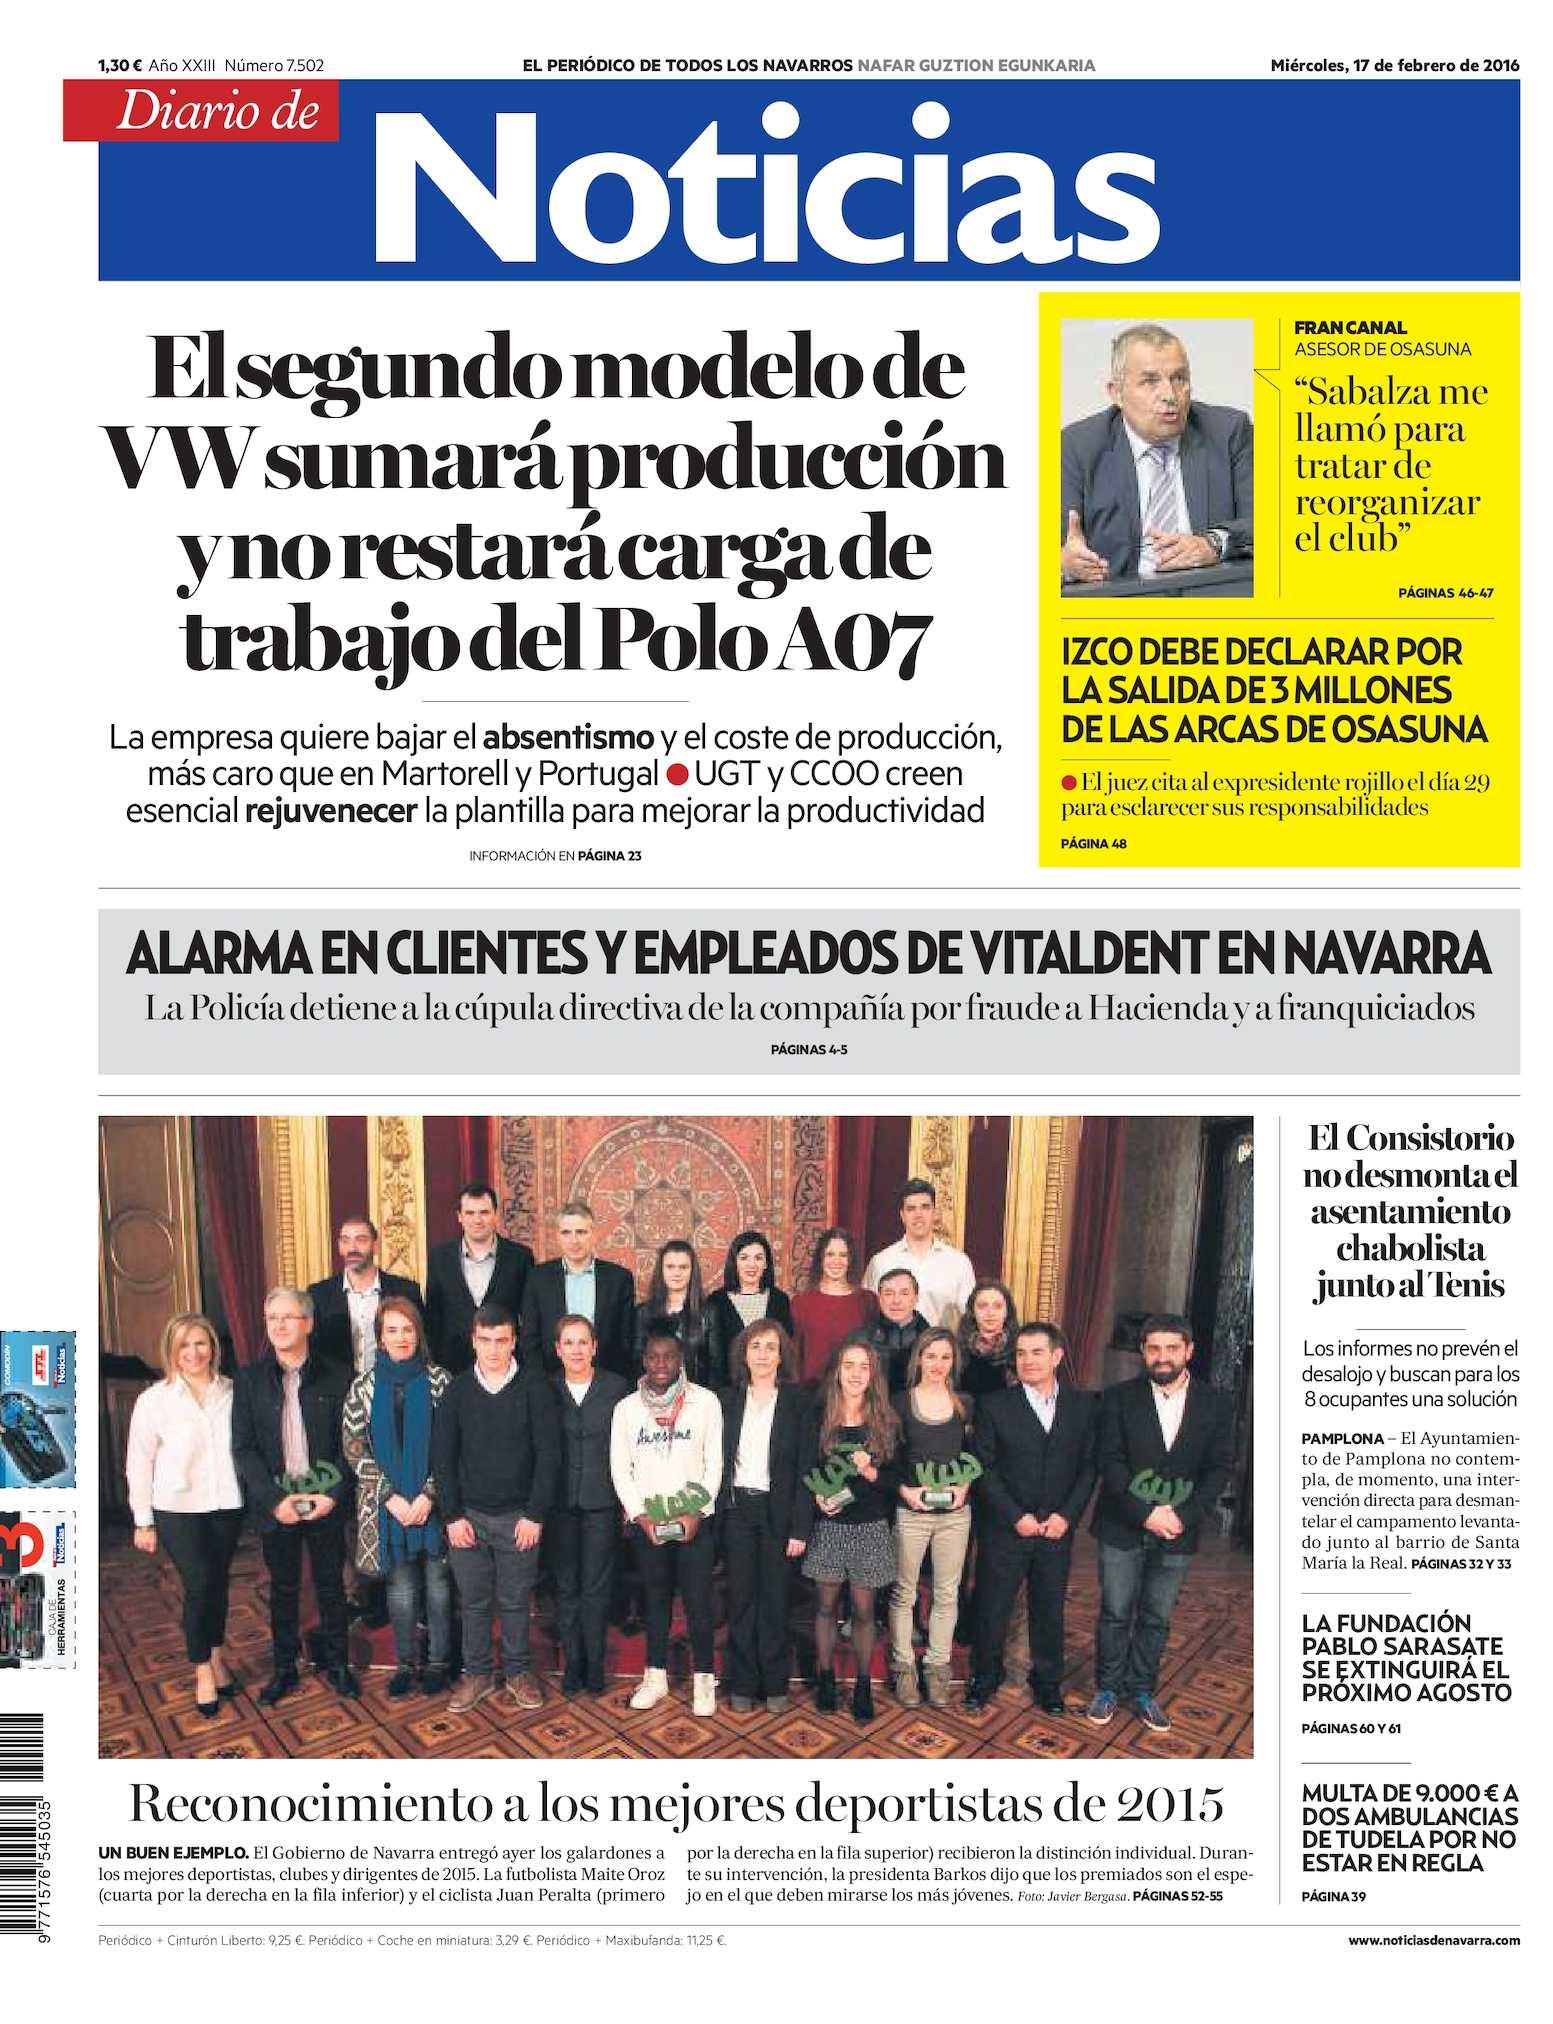 Calaméo - Diario de Noticias 20160217